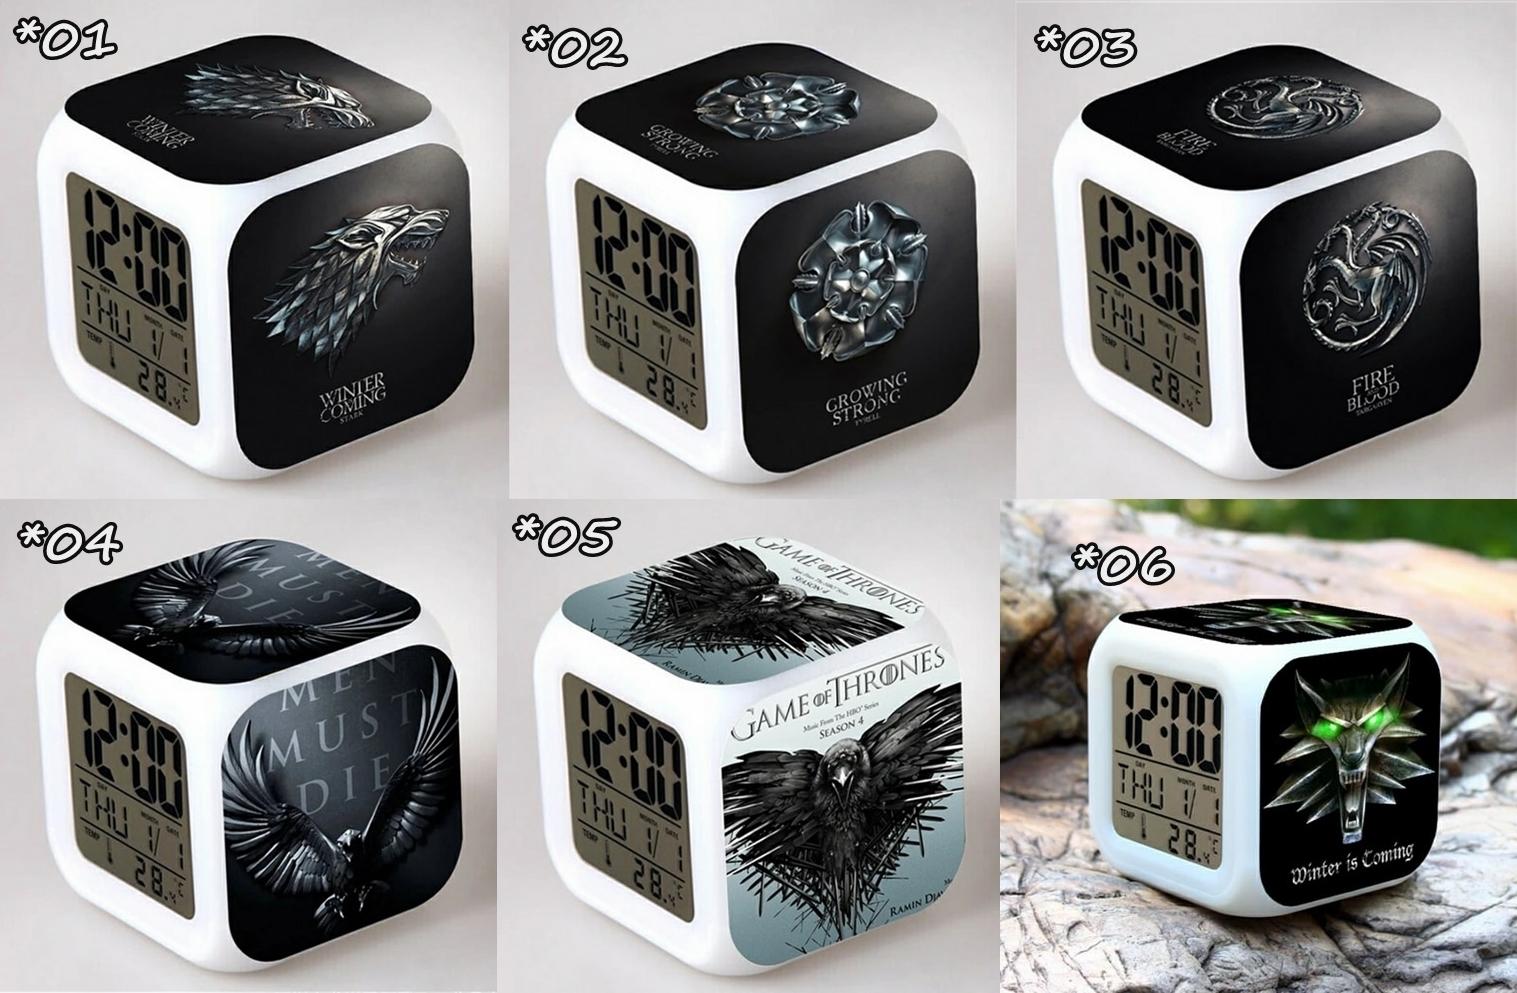 Relojes digitales Juego Tronos *02